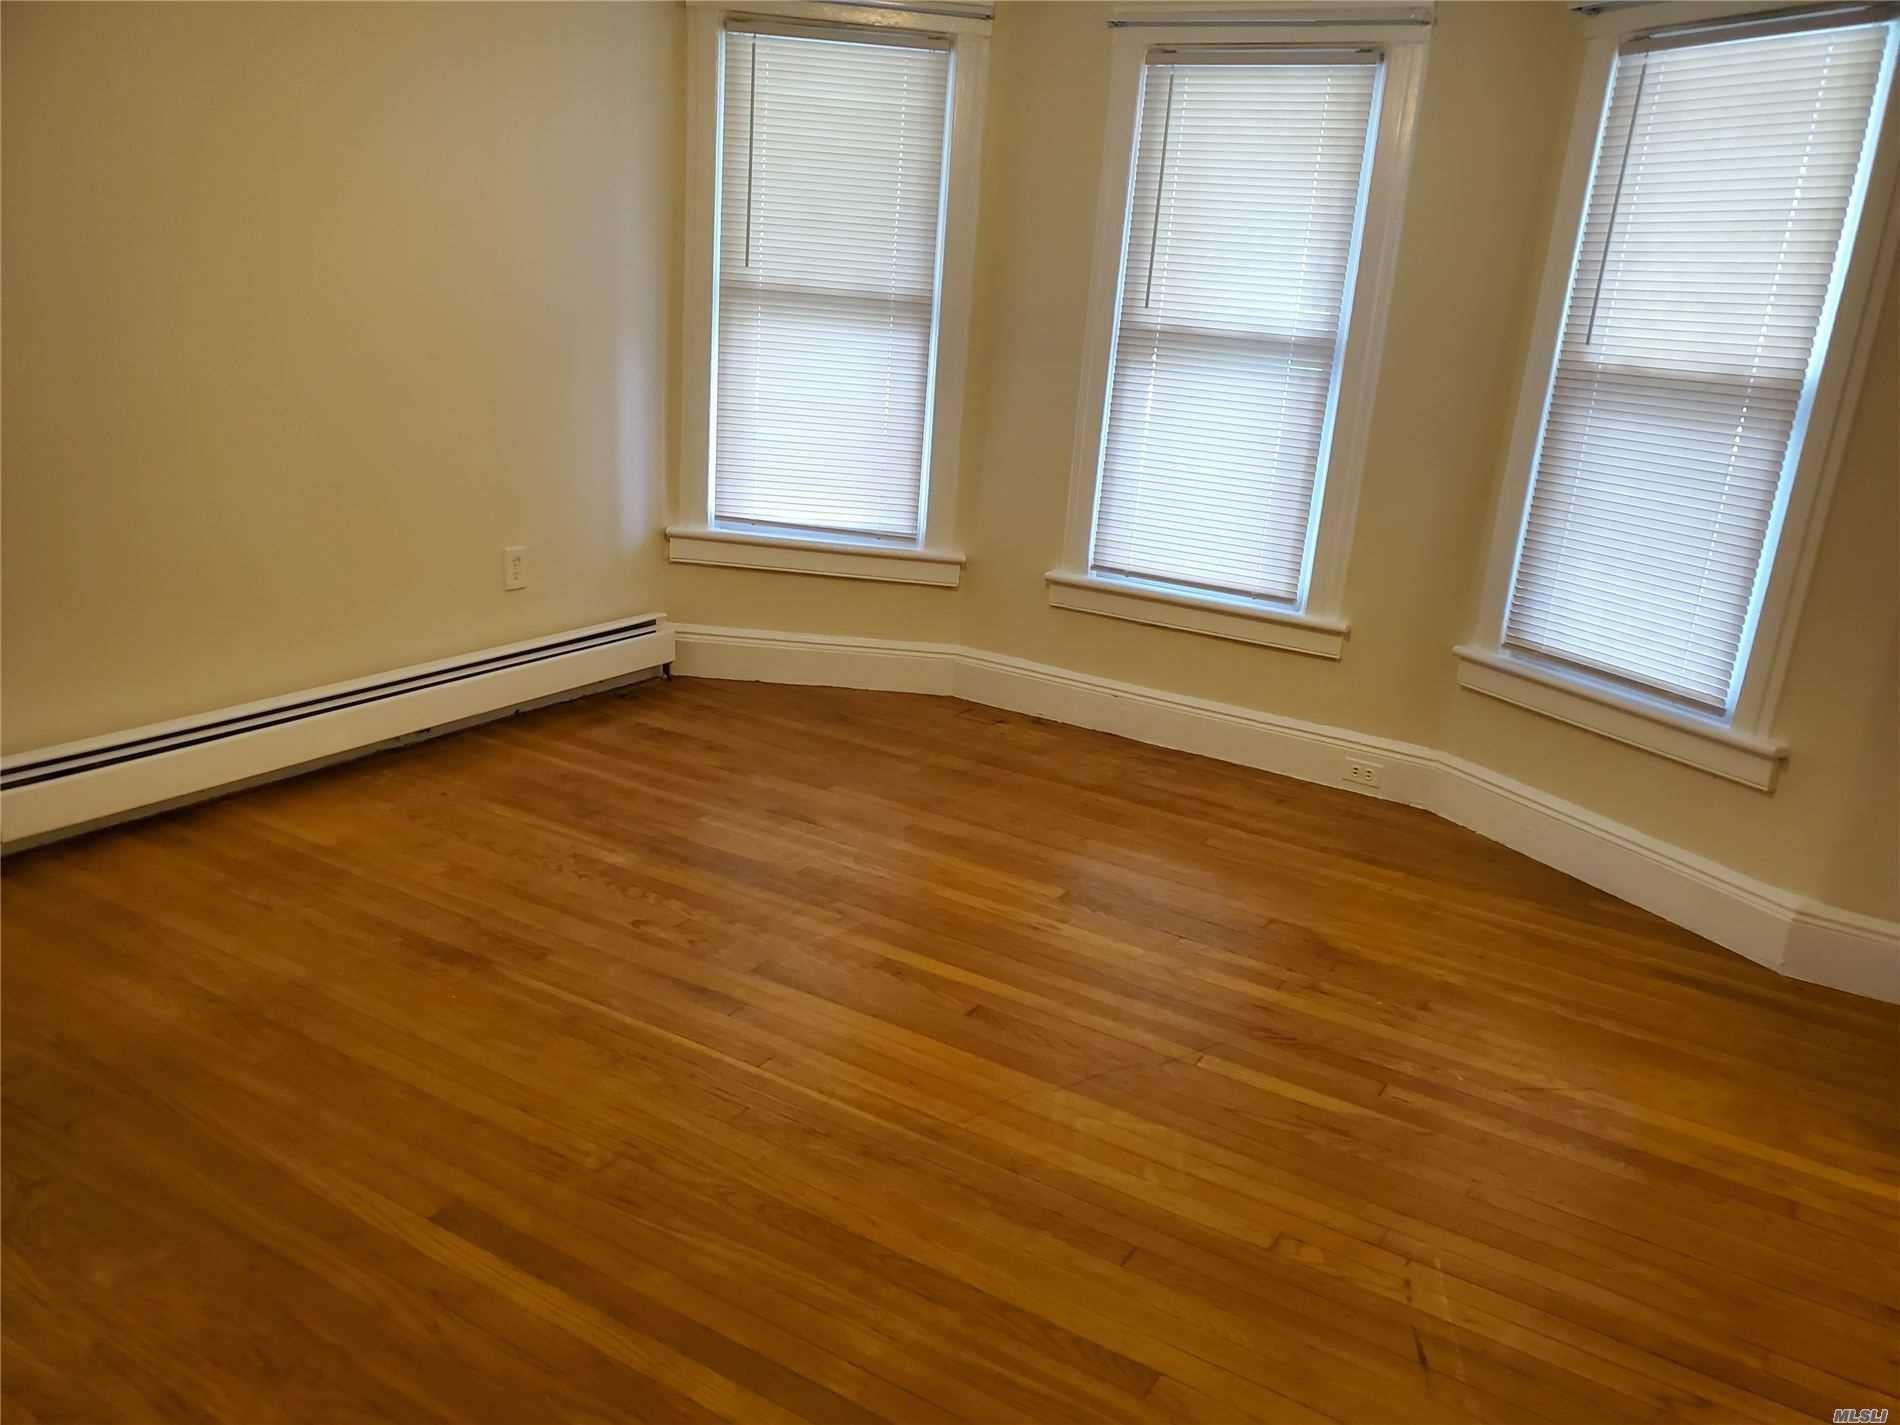 69 Garfield Place #1st fl, East Rockaway, NY 11518 - MLS#: 3233340